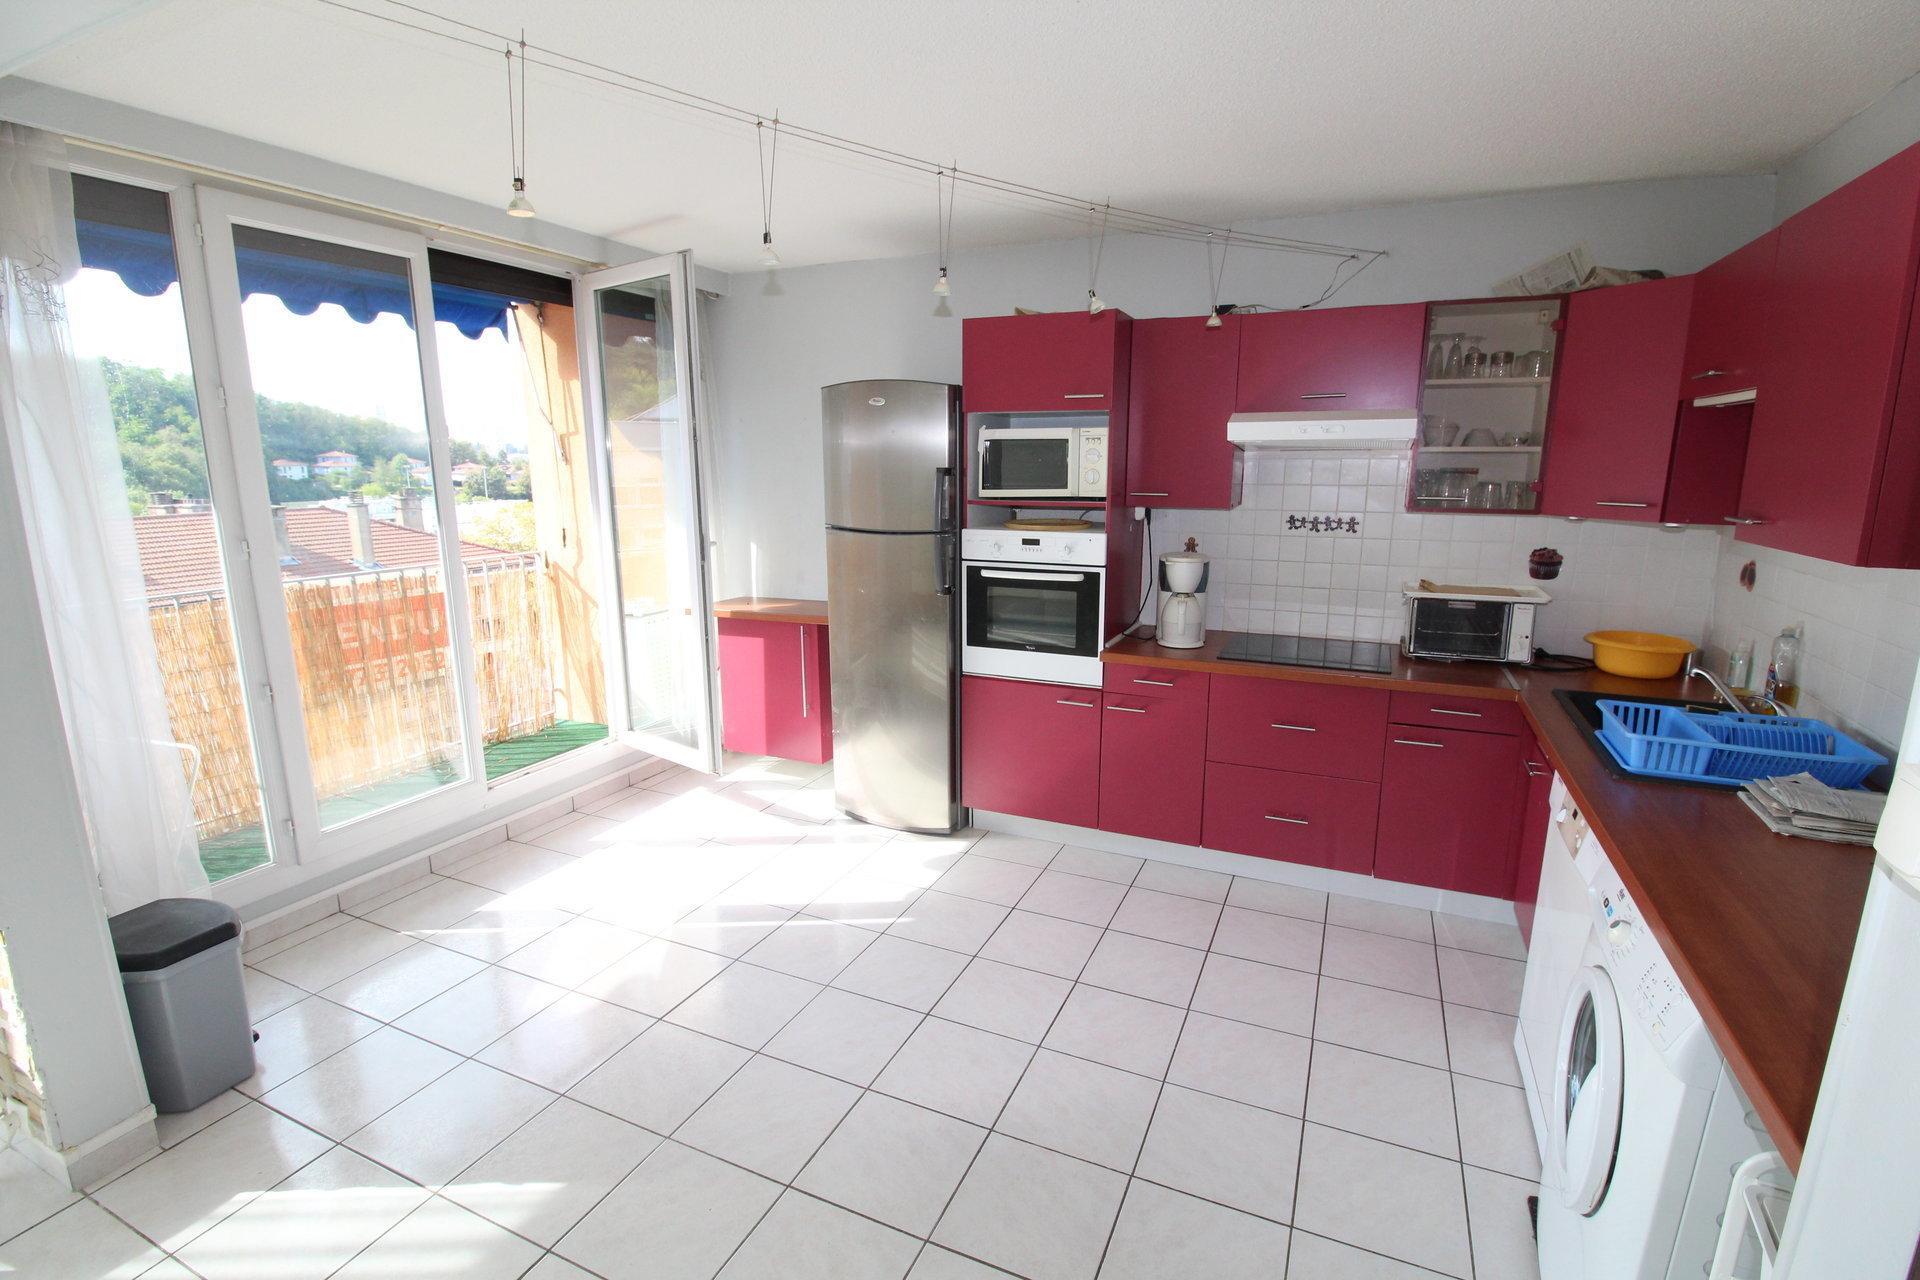 Appartement T3 64m2 Saint-etienne Bergson avec balcon